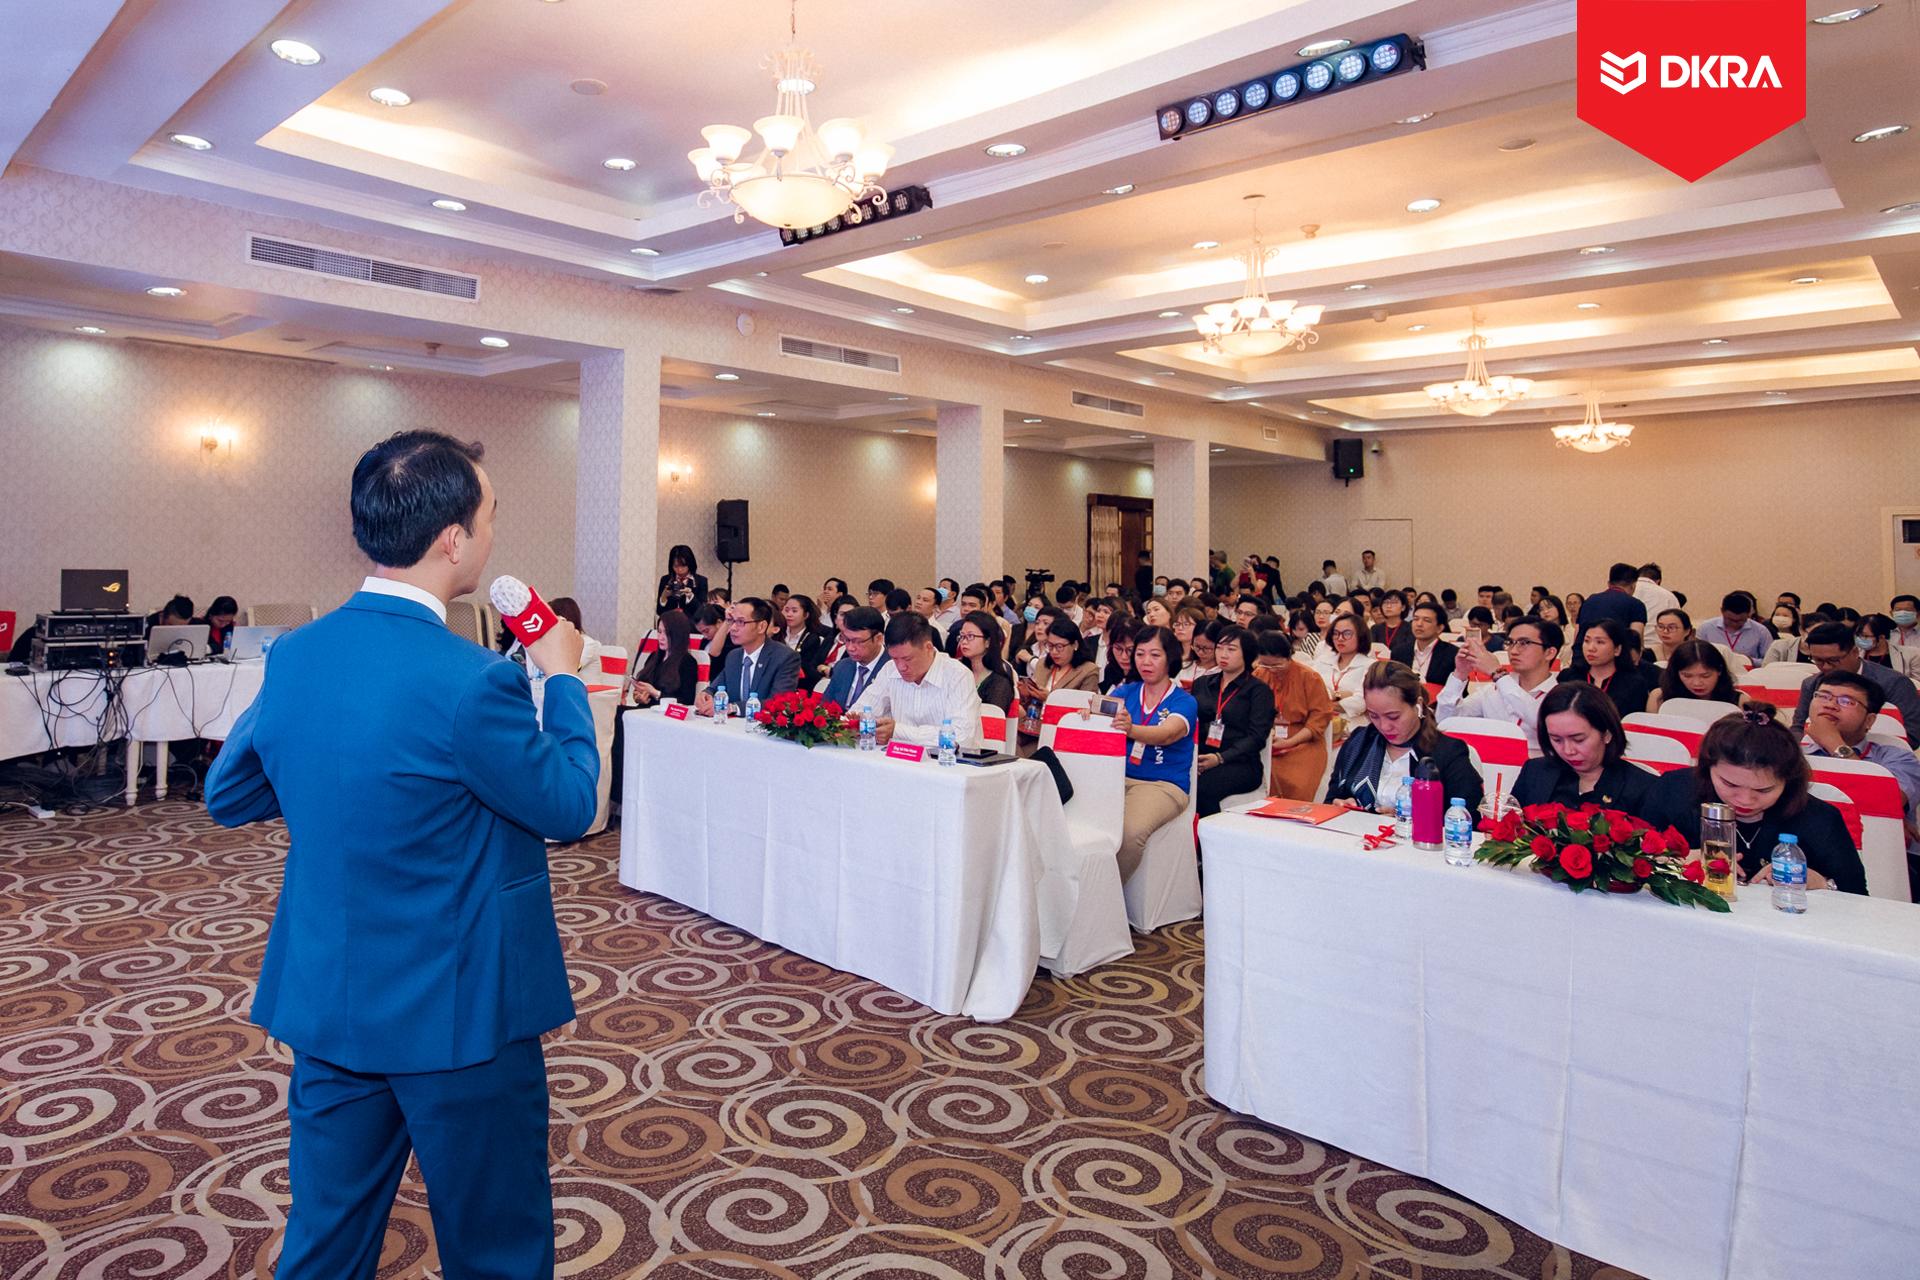 Thông tin nghiên cứu thị trường do DKRA Vietnam công bố được khảo sát, phân tích và tổng kết với tính minh bạch và chính xác cao.